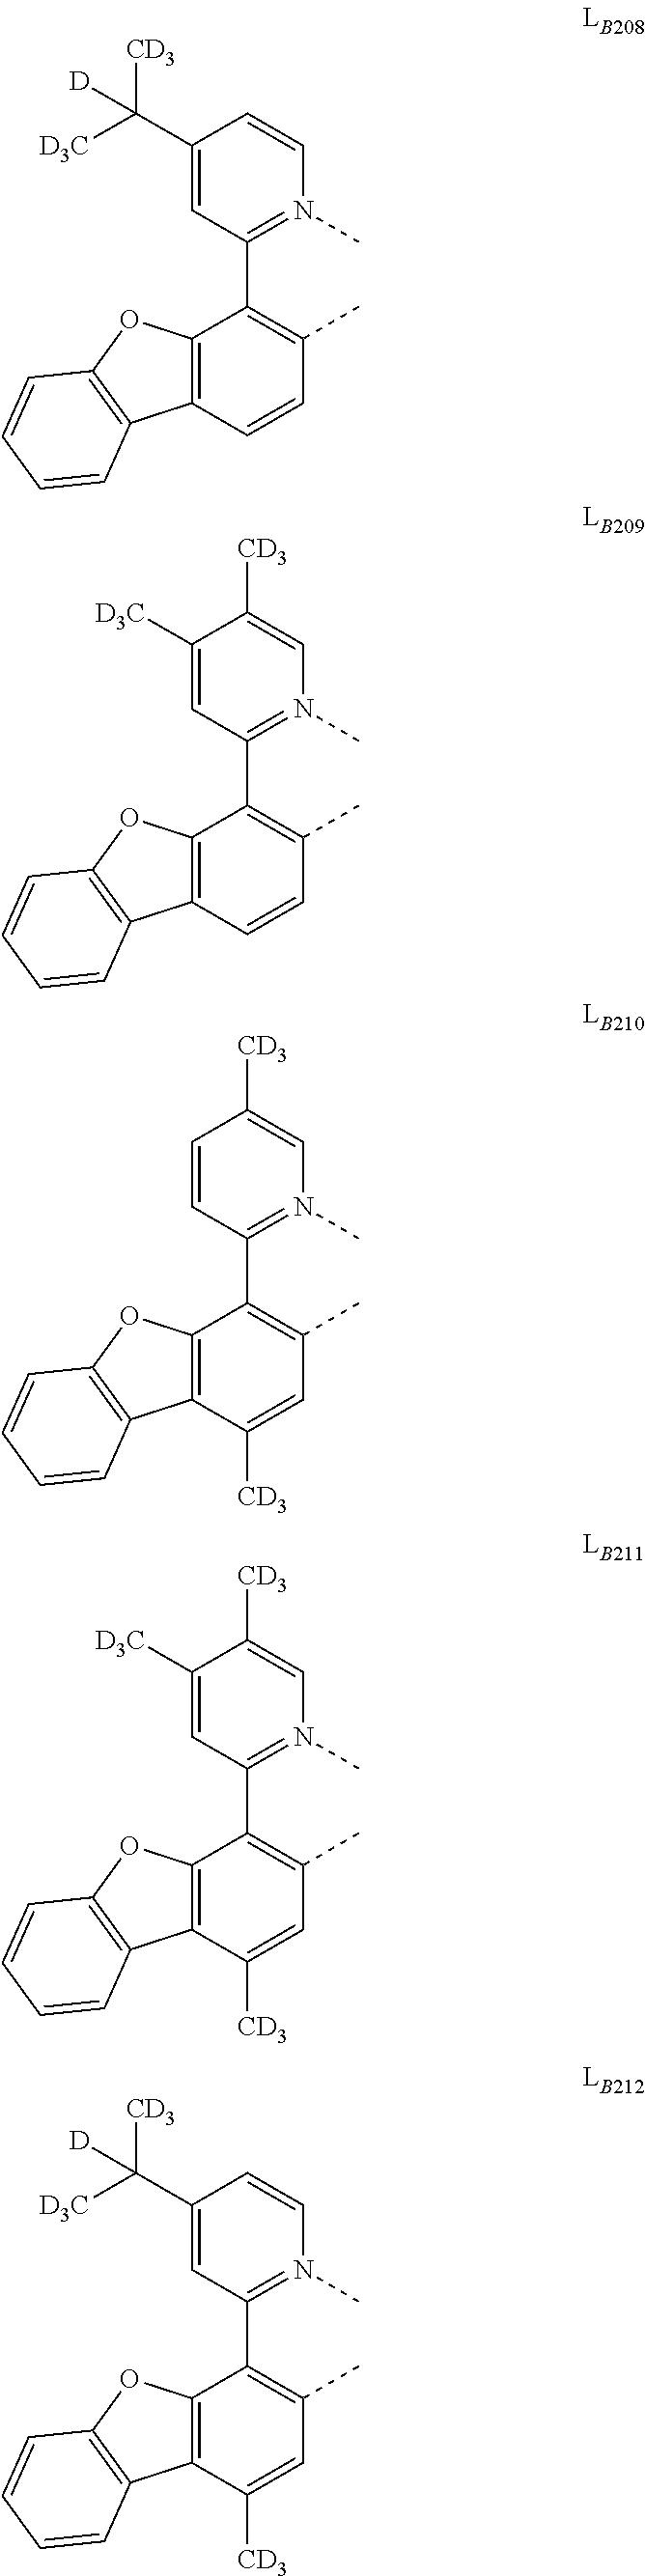 Figure US20180130962A1-20180510-C00108